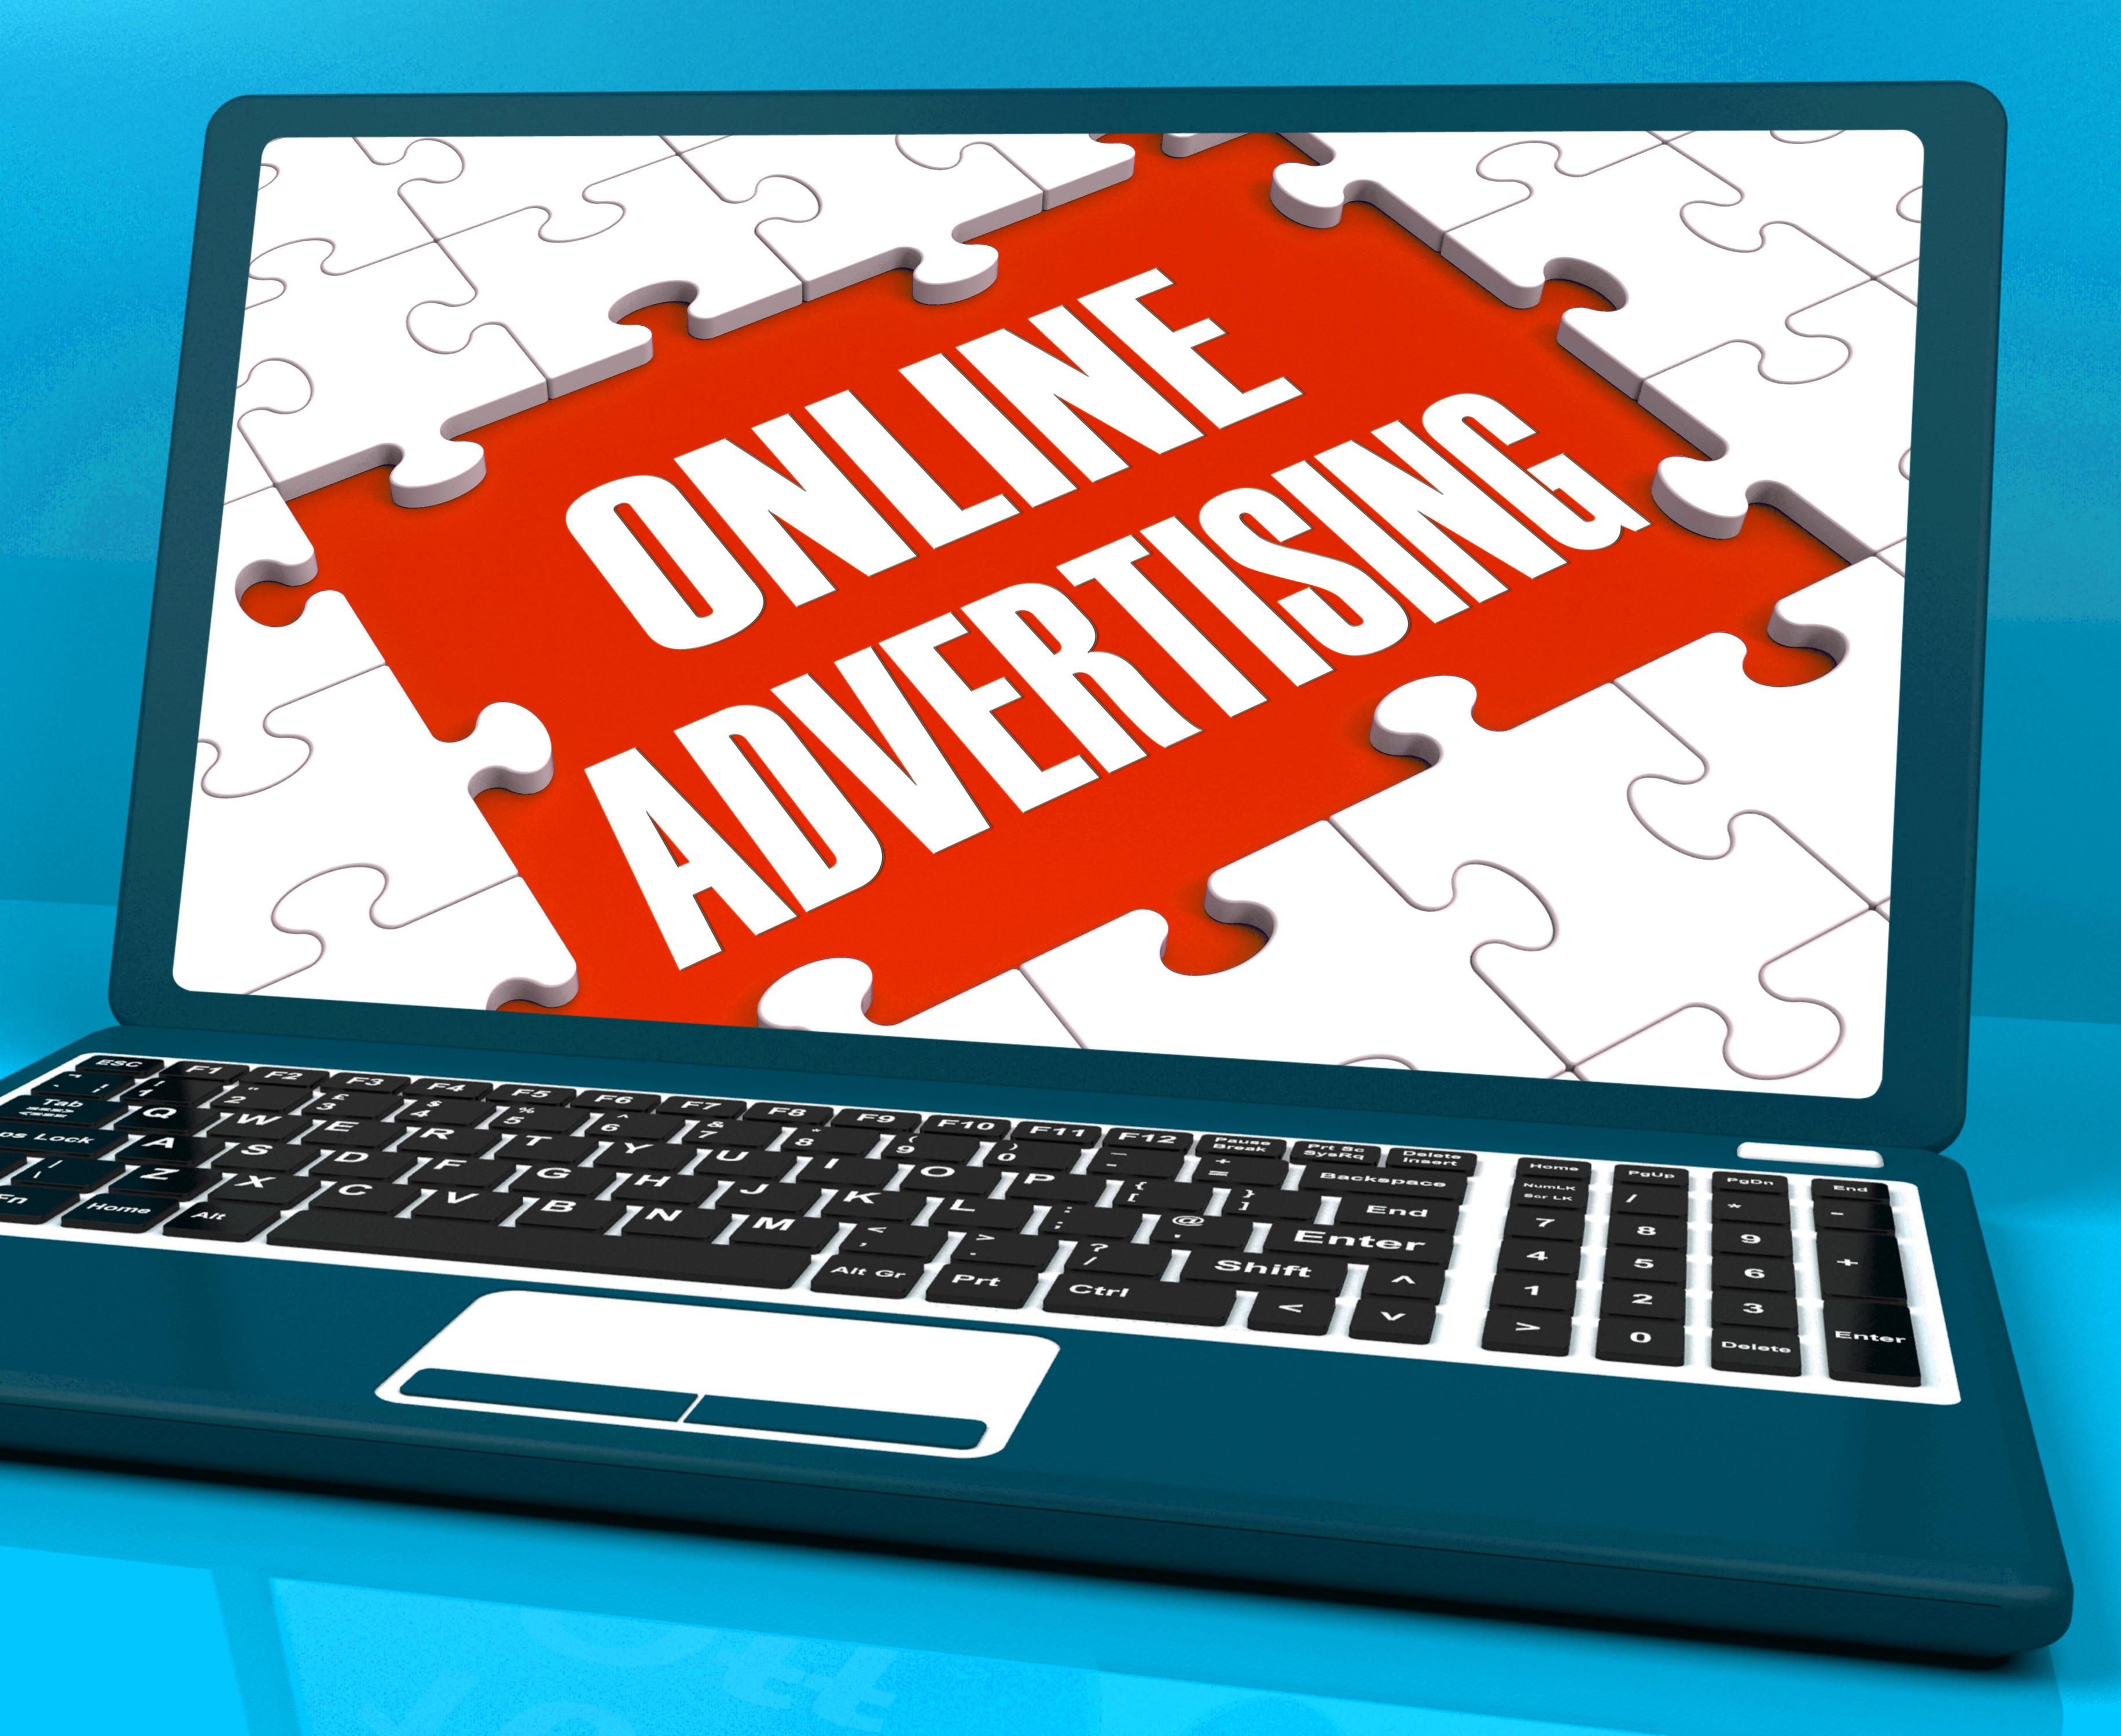 Online Advertising is not always effective